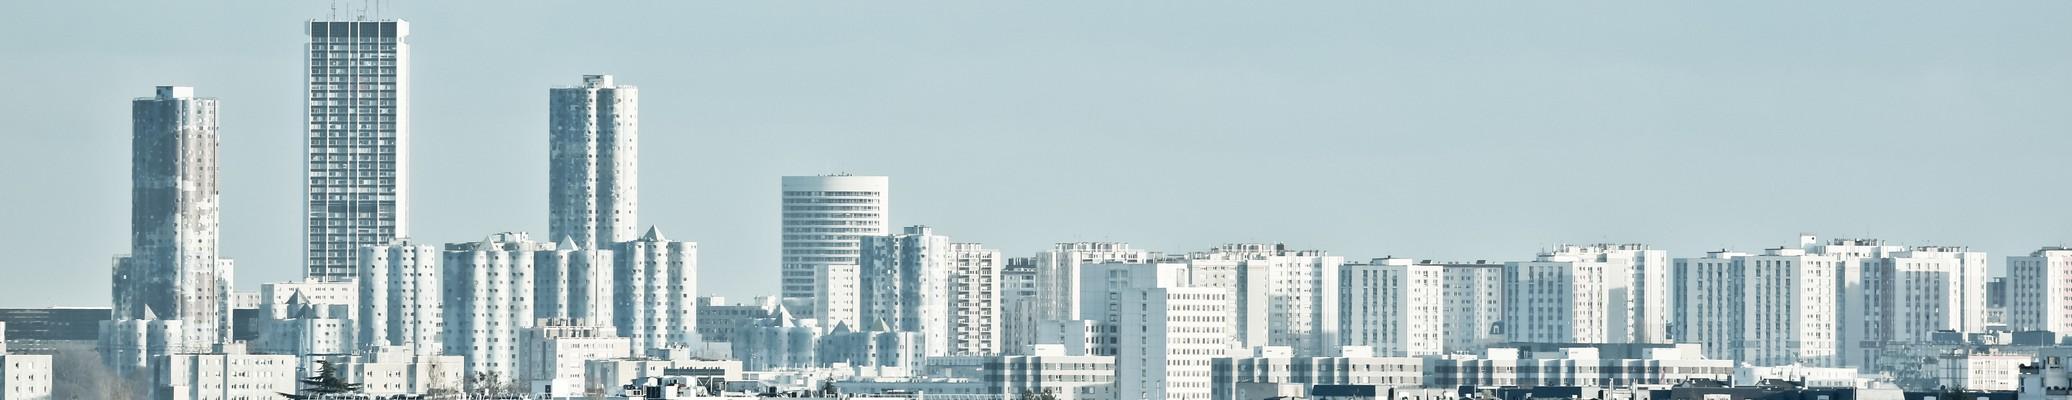 Département des Hauts-de-Seine